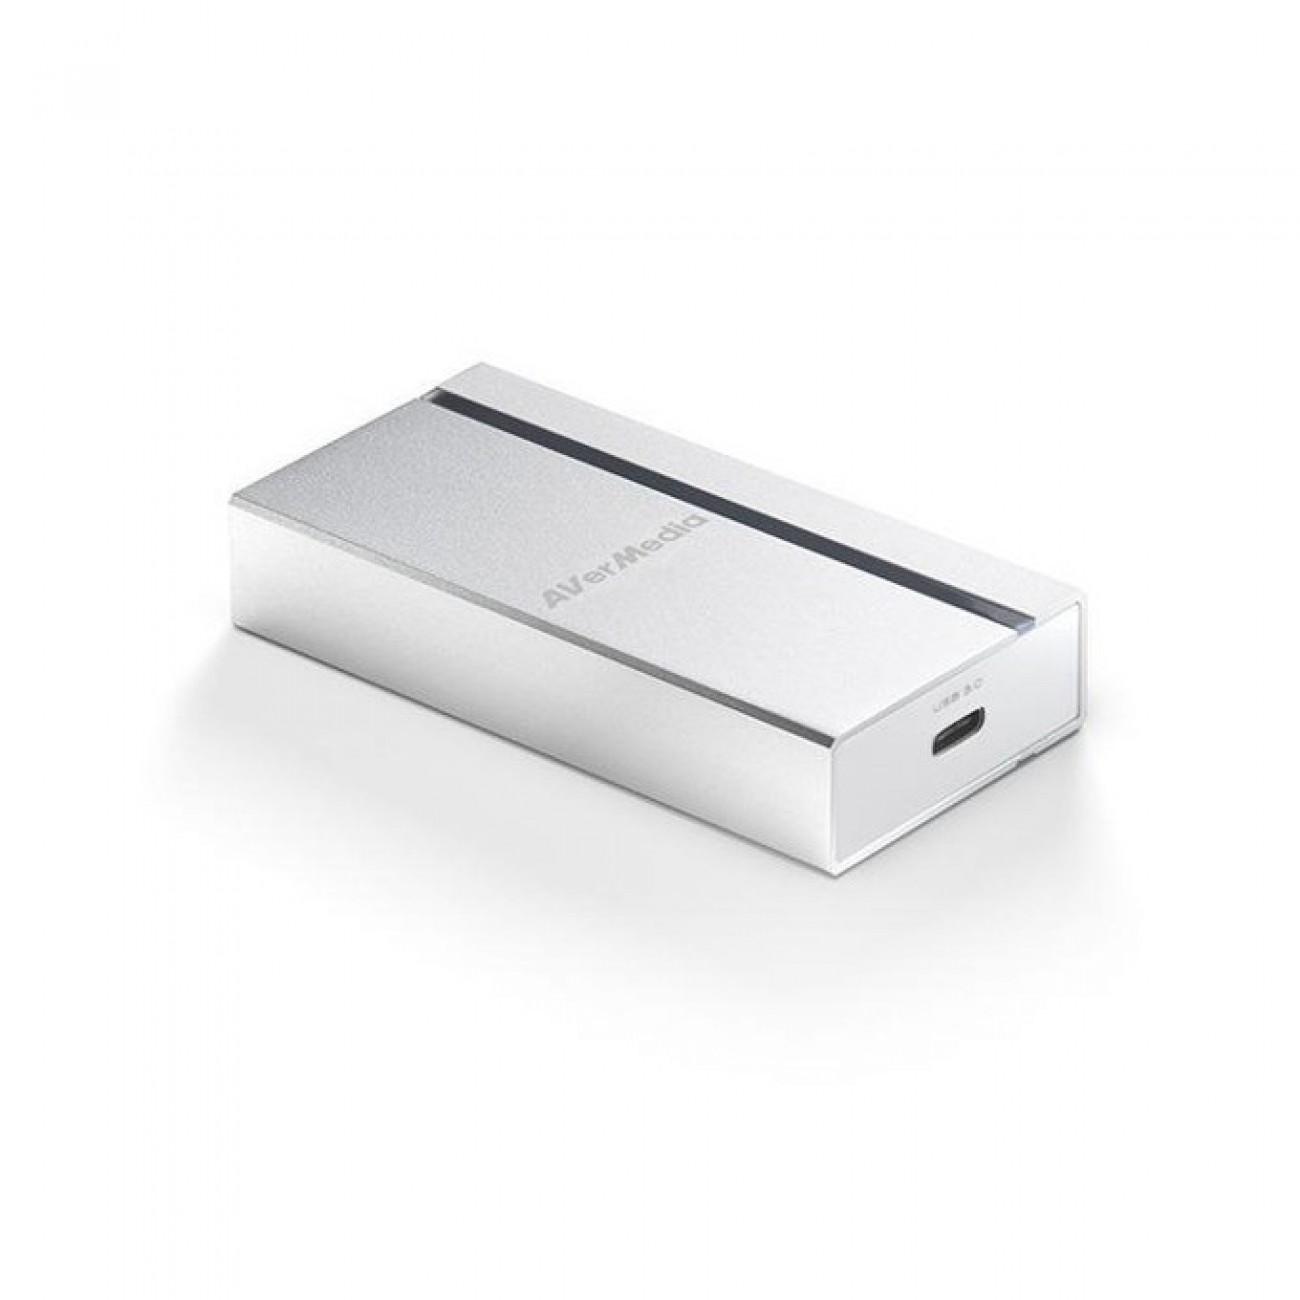 Конвертор AverMedia ExtremeCap UVC, от HDMI(ж) към USB-C(ж), бял в KVM сплитери и превключватели - Matrox | Alleop